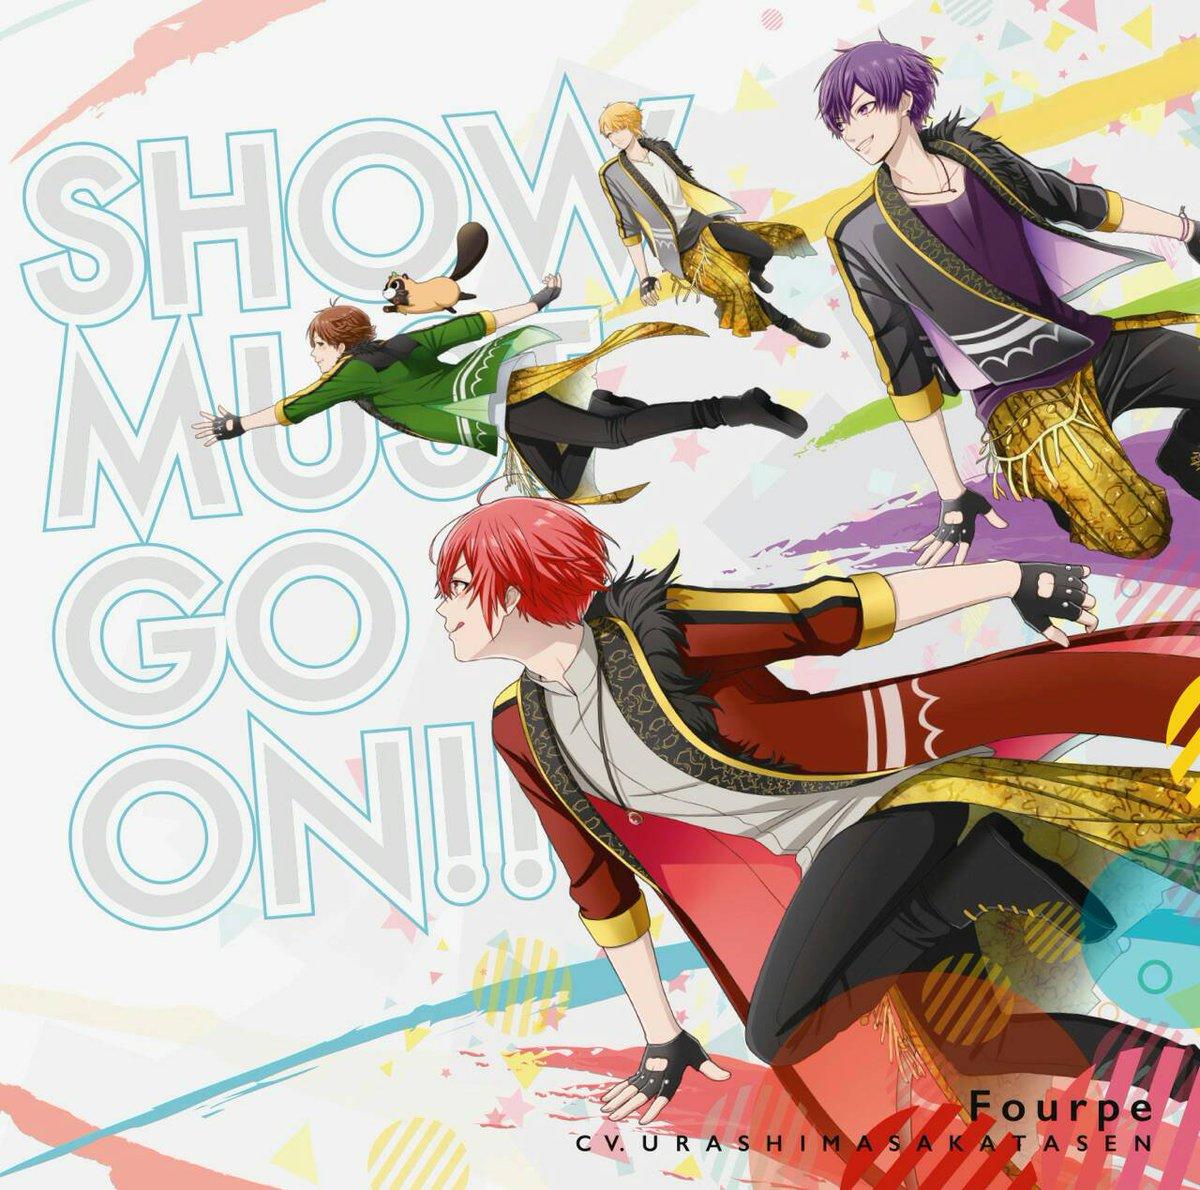 【スタミュ(第2期)】オープニングテーマ「SHOW MUST GO ON!!」Fourpe(cv.浦島坂田船)初回限定盤